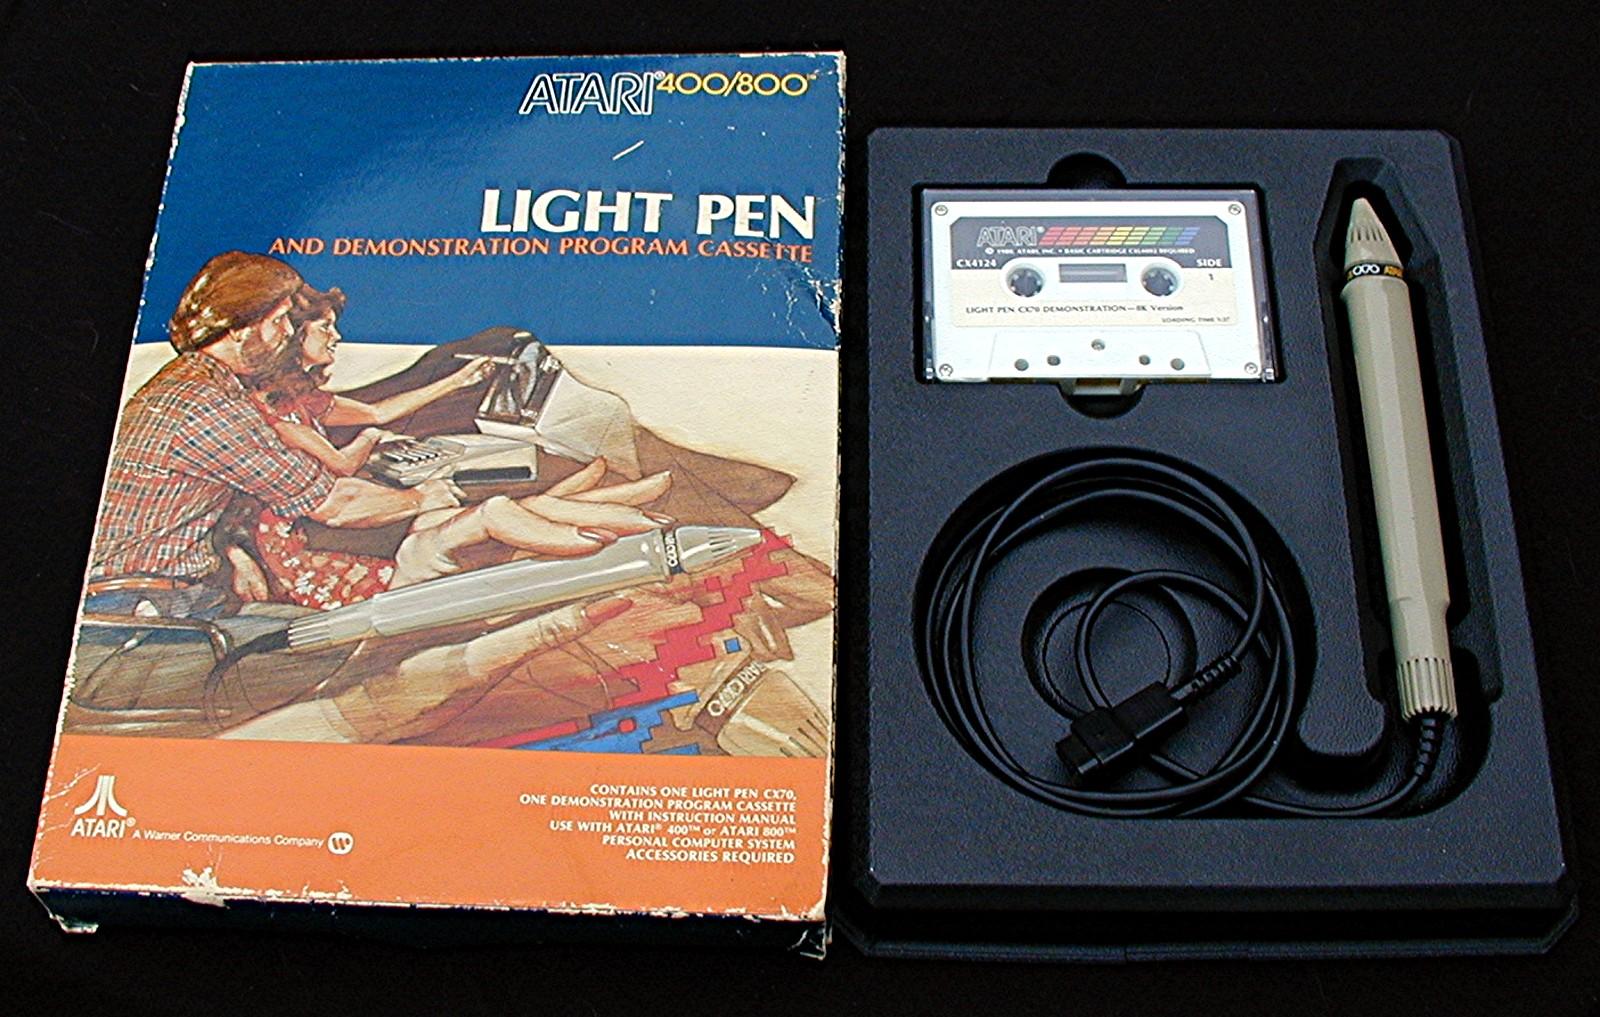 Atari ligth pen